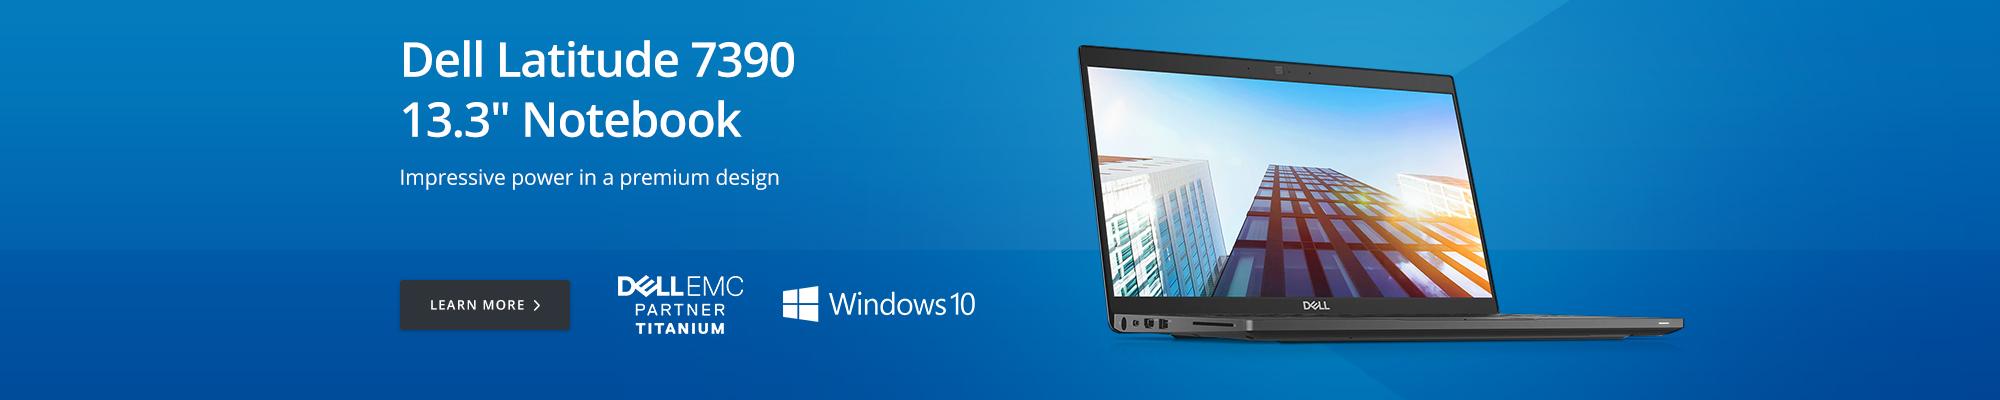 Dell Latitude 7390 13.3in Notebook